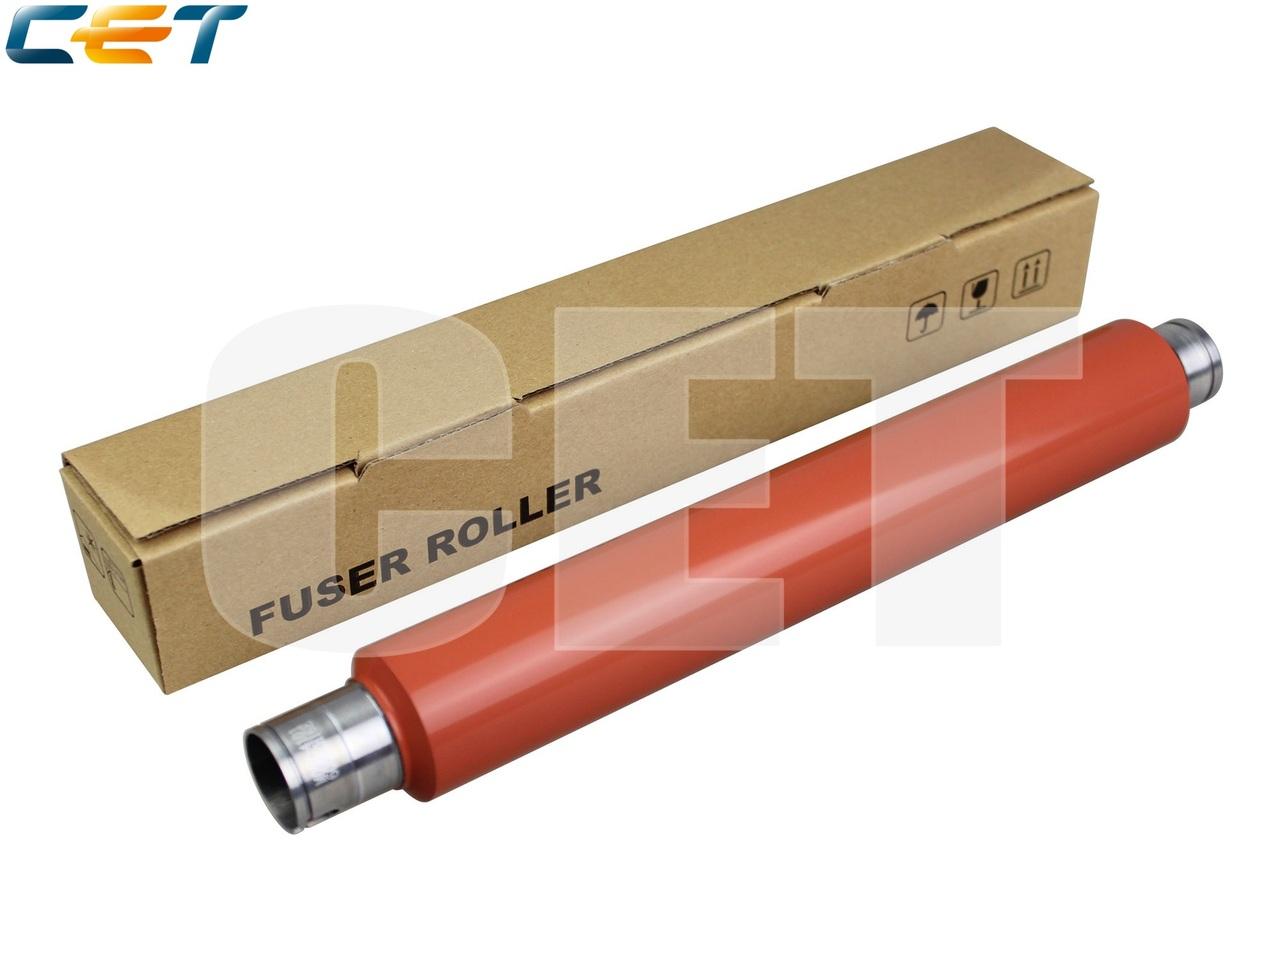 Тефлоновый вал M052-4101 для RICOH AficioSP5200DN/SP5210DN/SP5200S/SP5210SF/SP5210SR (CET),CET6056